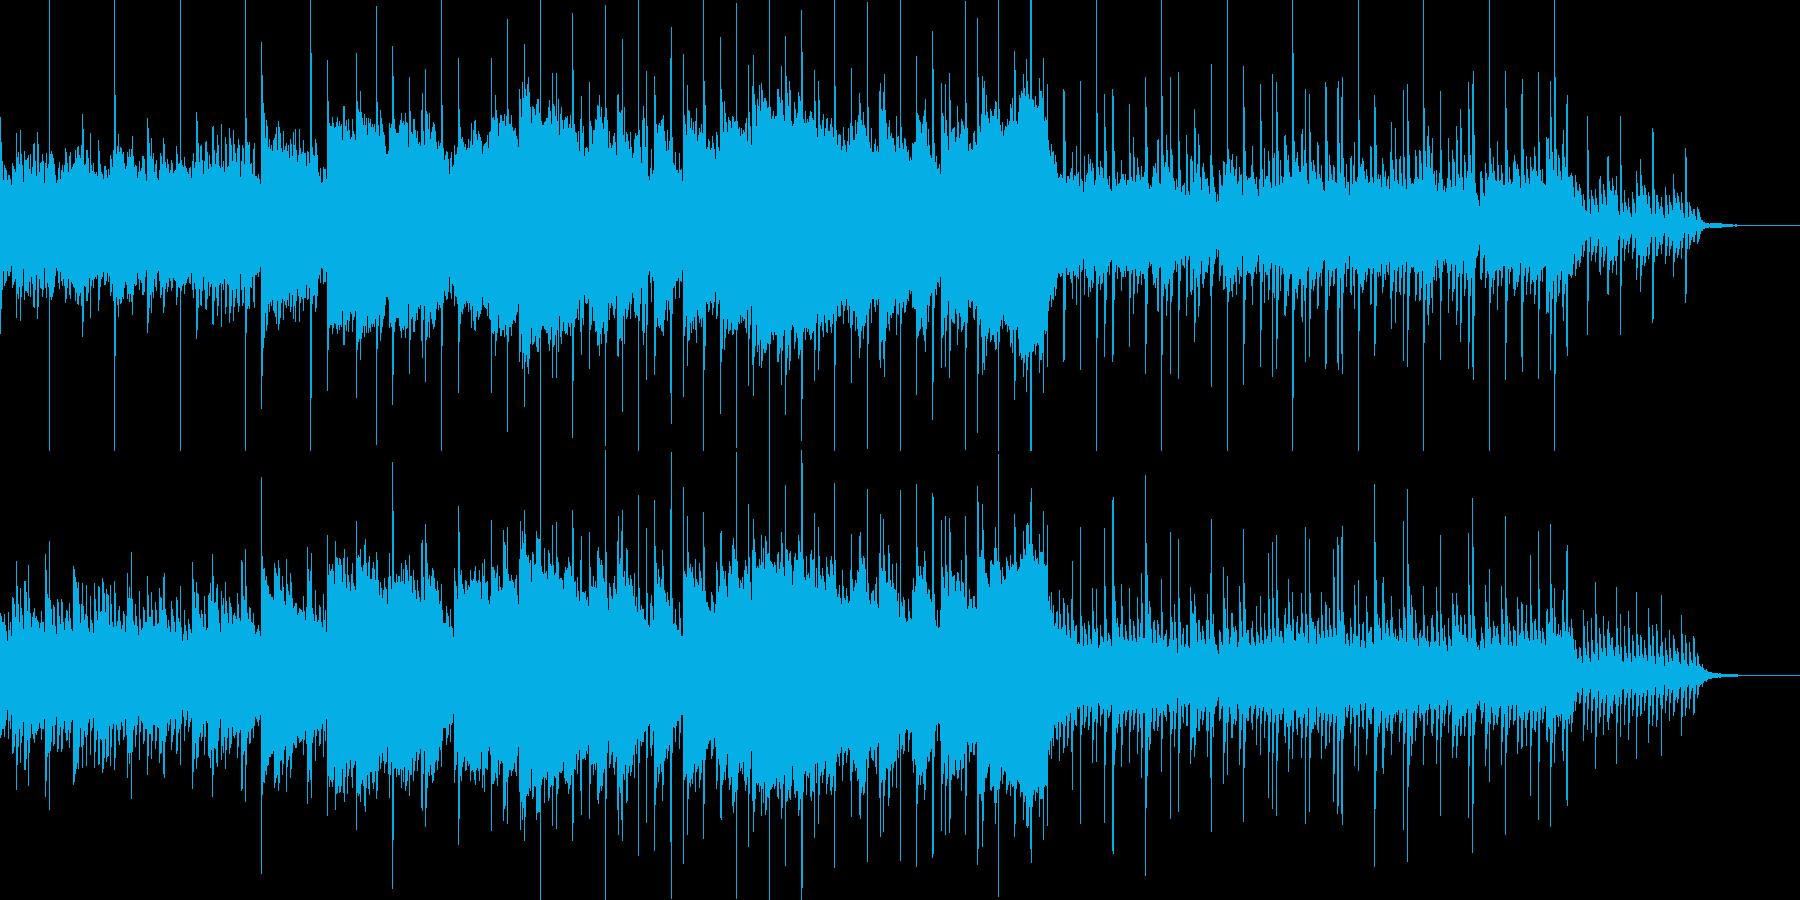 爽やかな朝の高原をイメージする曲の再生済みの波形